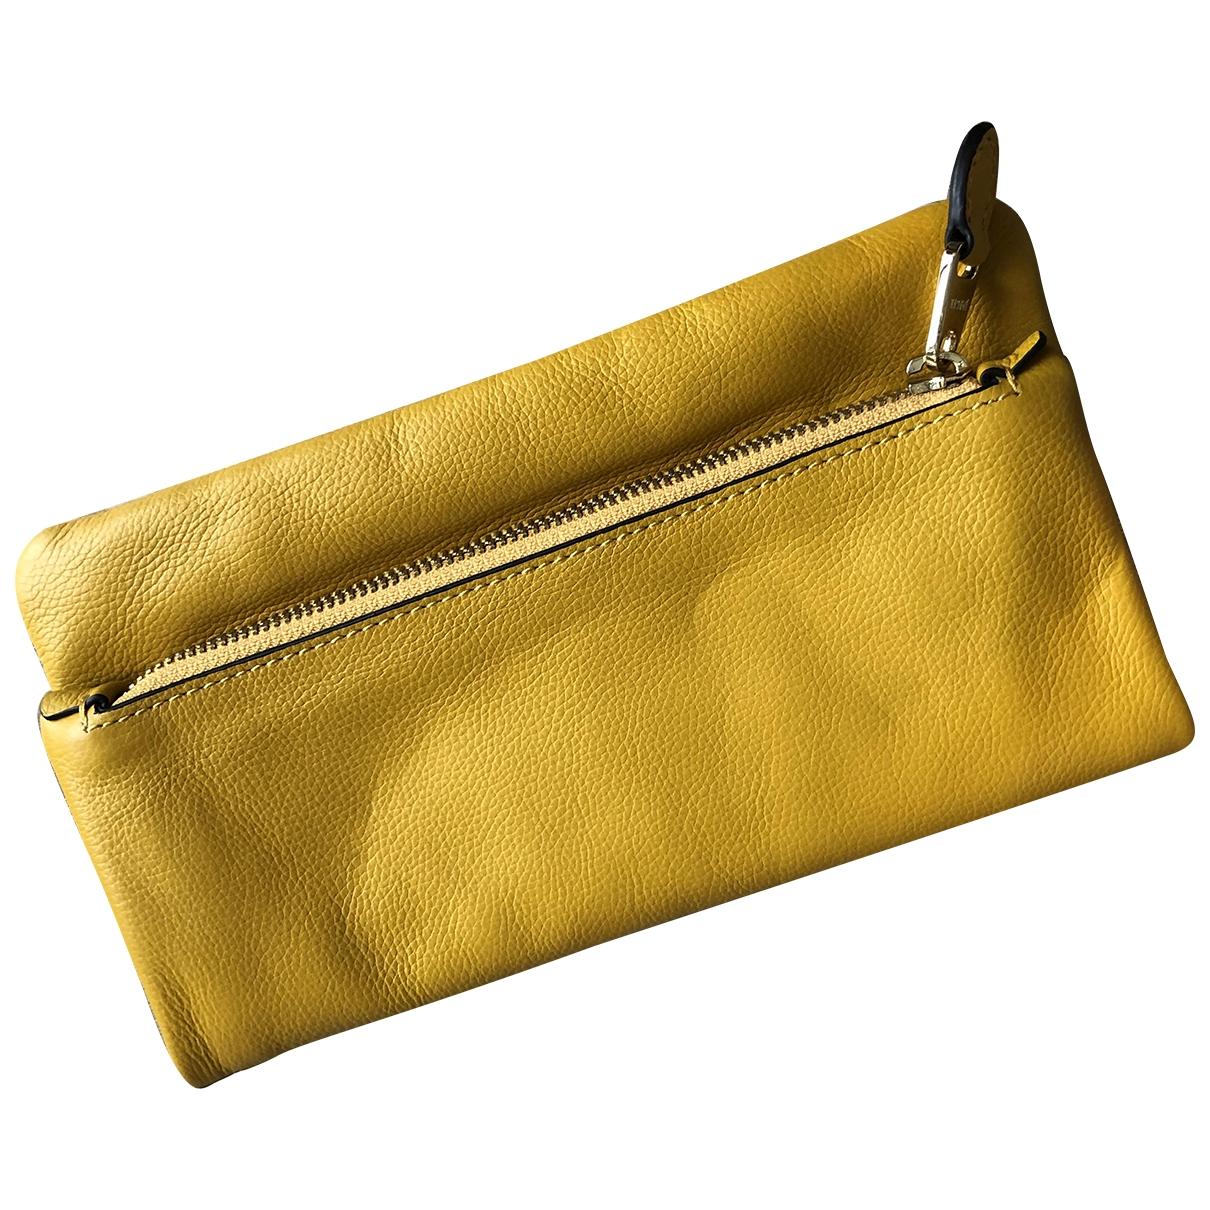 Jaeger \N Clutch in  Gelb Leder